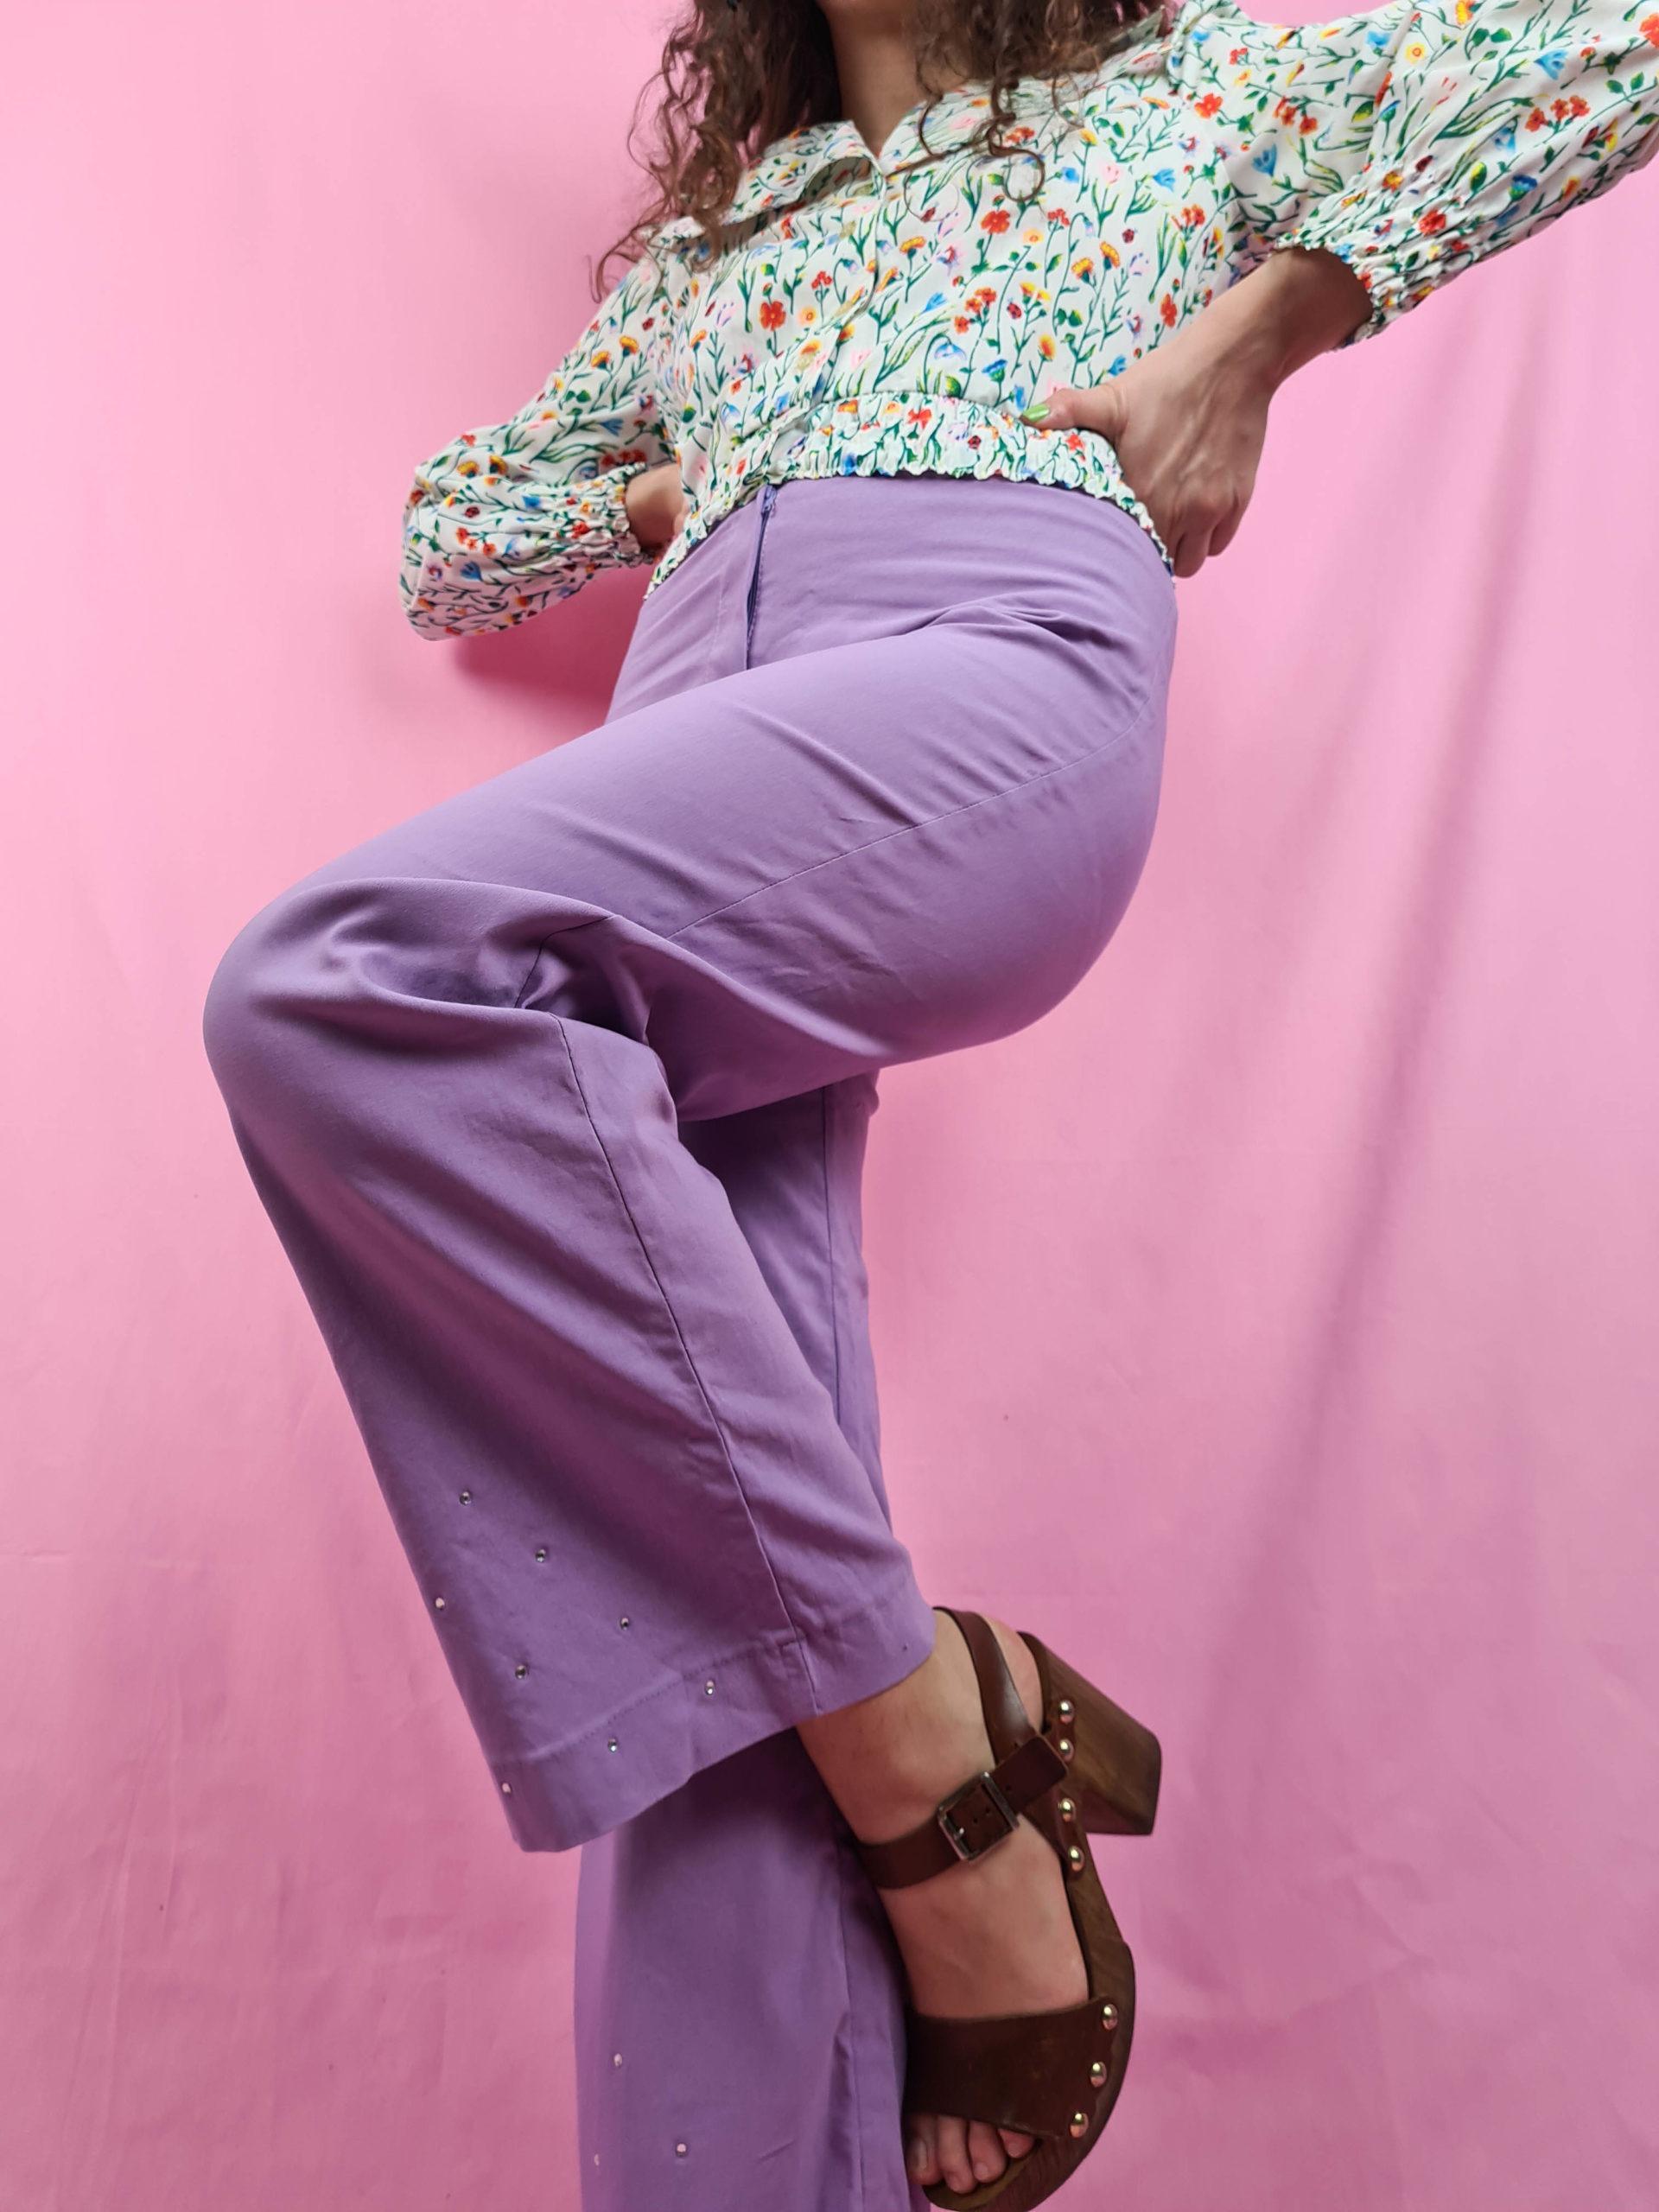 pantalon lilas patte d'eph 2000 (2)